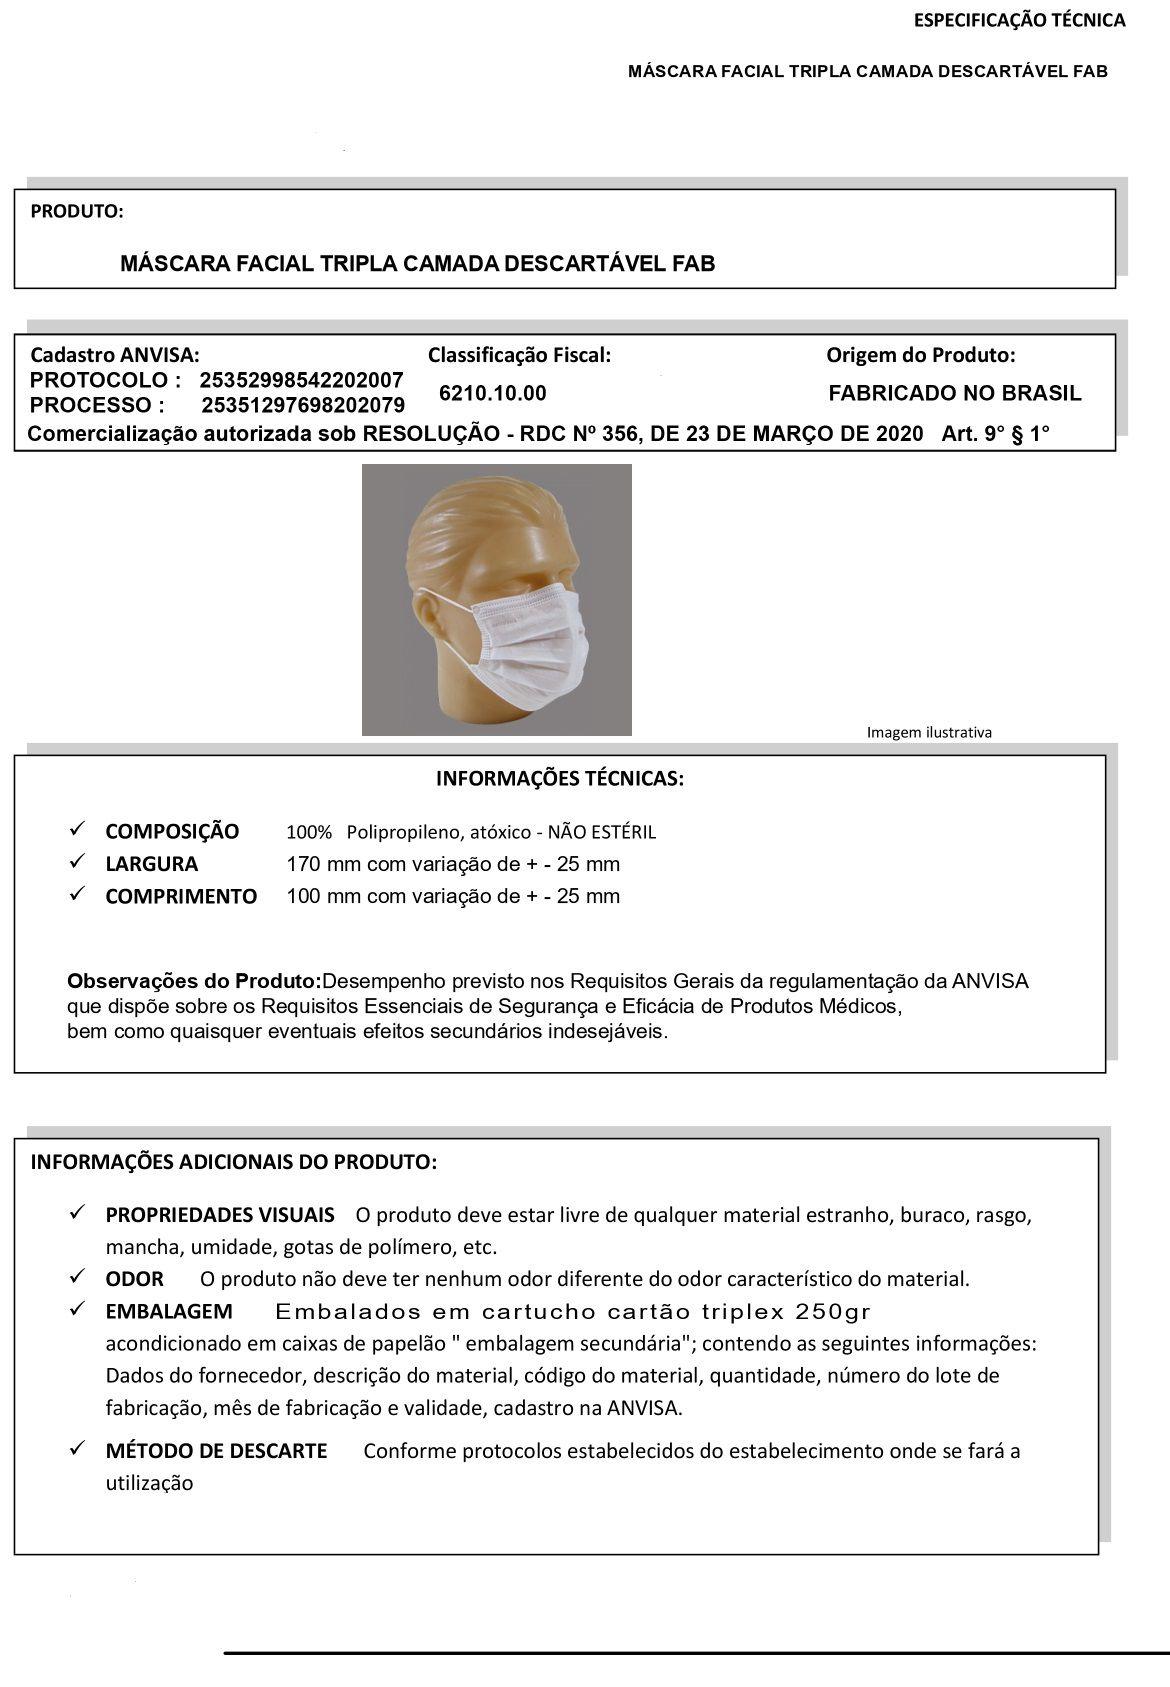 KIT 5 CAIXAS MASCARA FACIAL DE TRIPLA PROTEÇÃO COM ELÁSTICO ANVISA FAB CAIXA COM 50